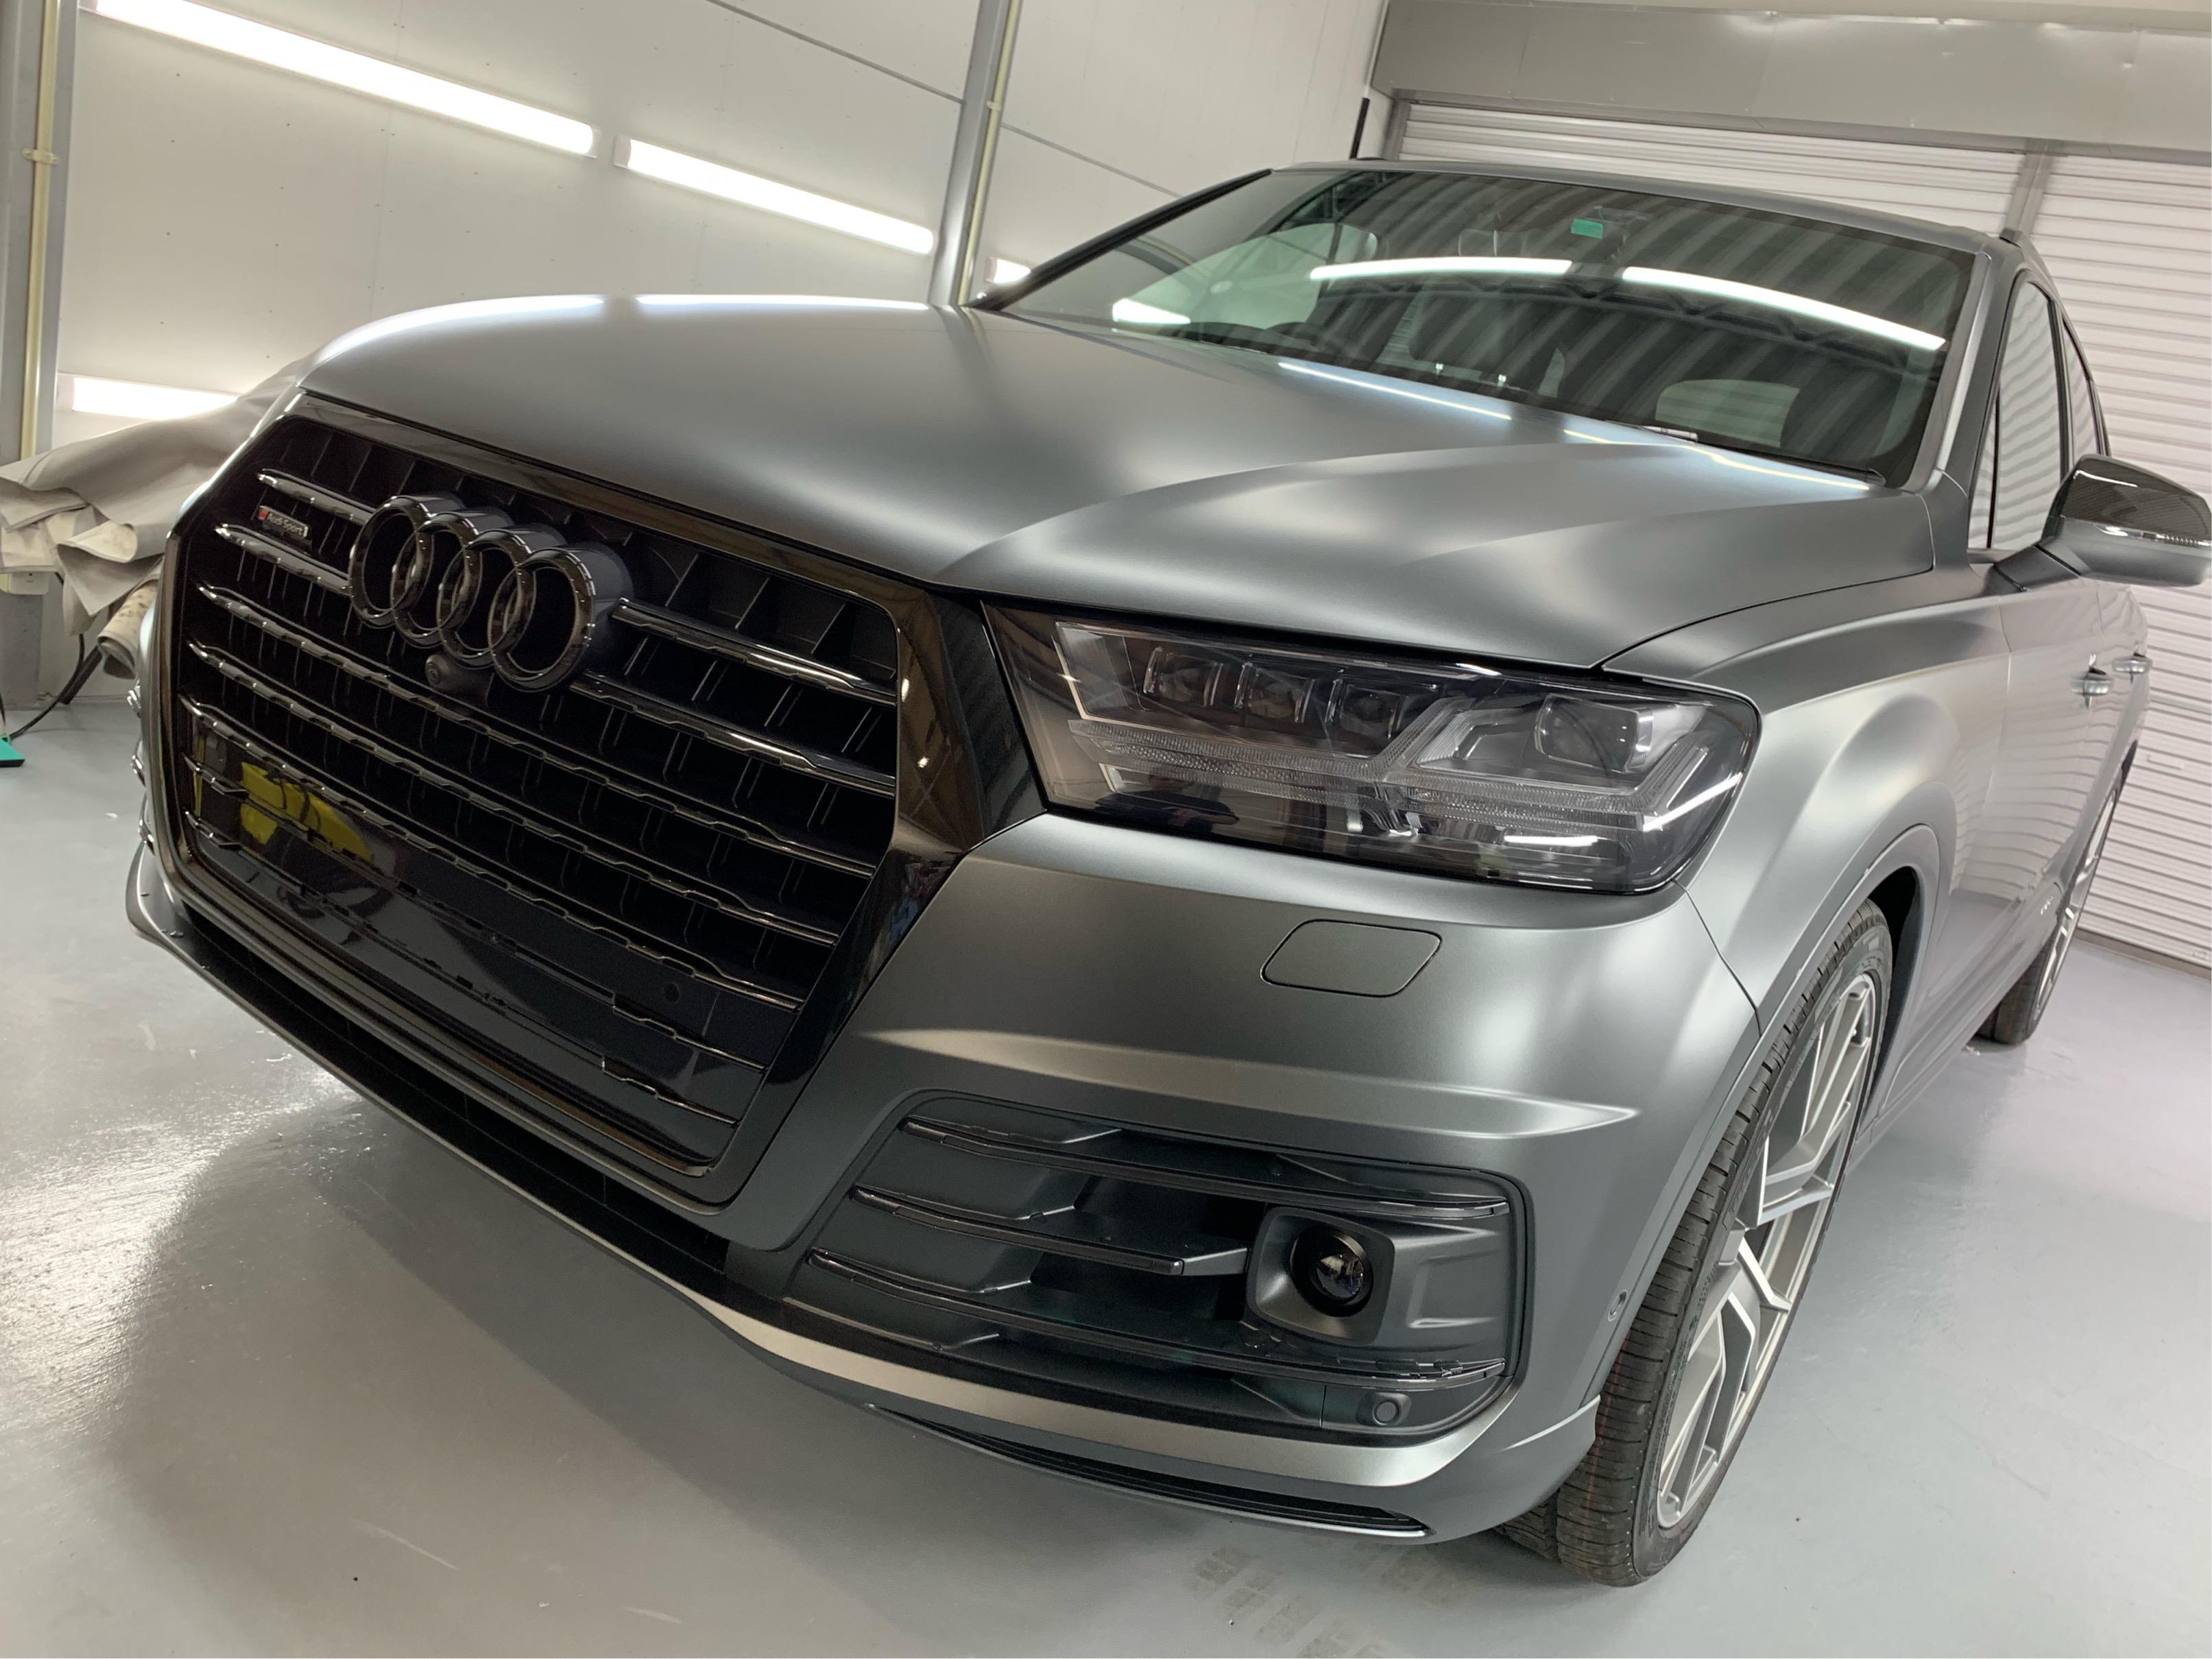 <p> こんにちは! 続いて納車完了後の紹介は Audi Q7 です。  &nbs […]</p>